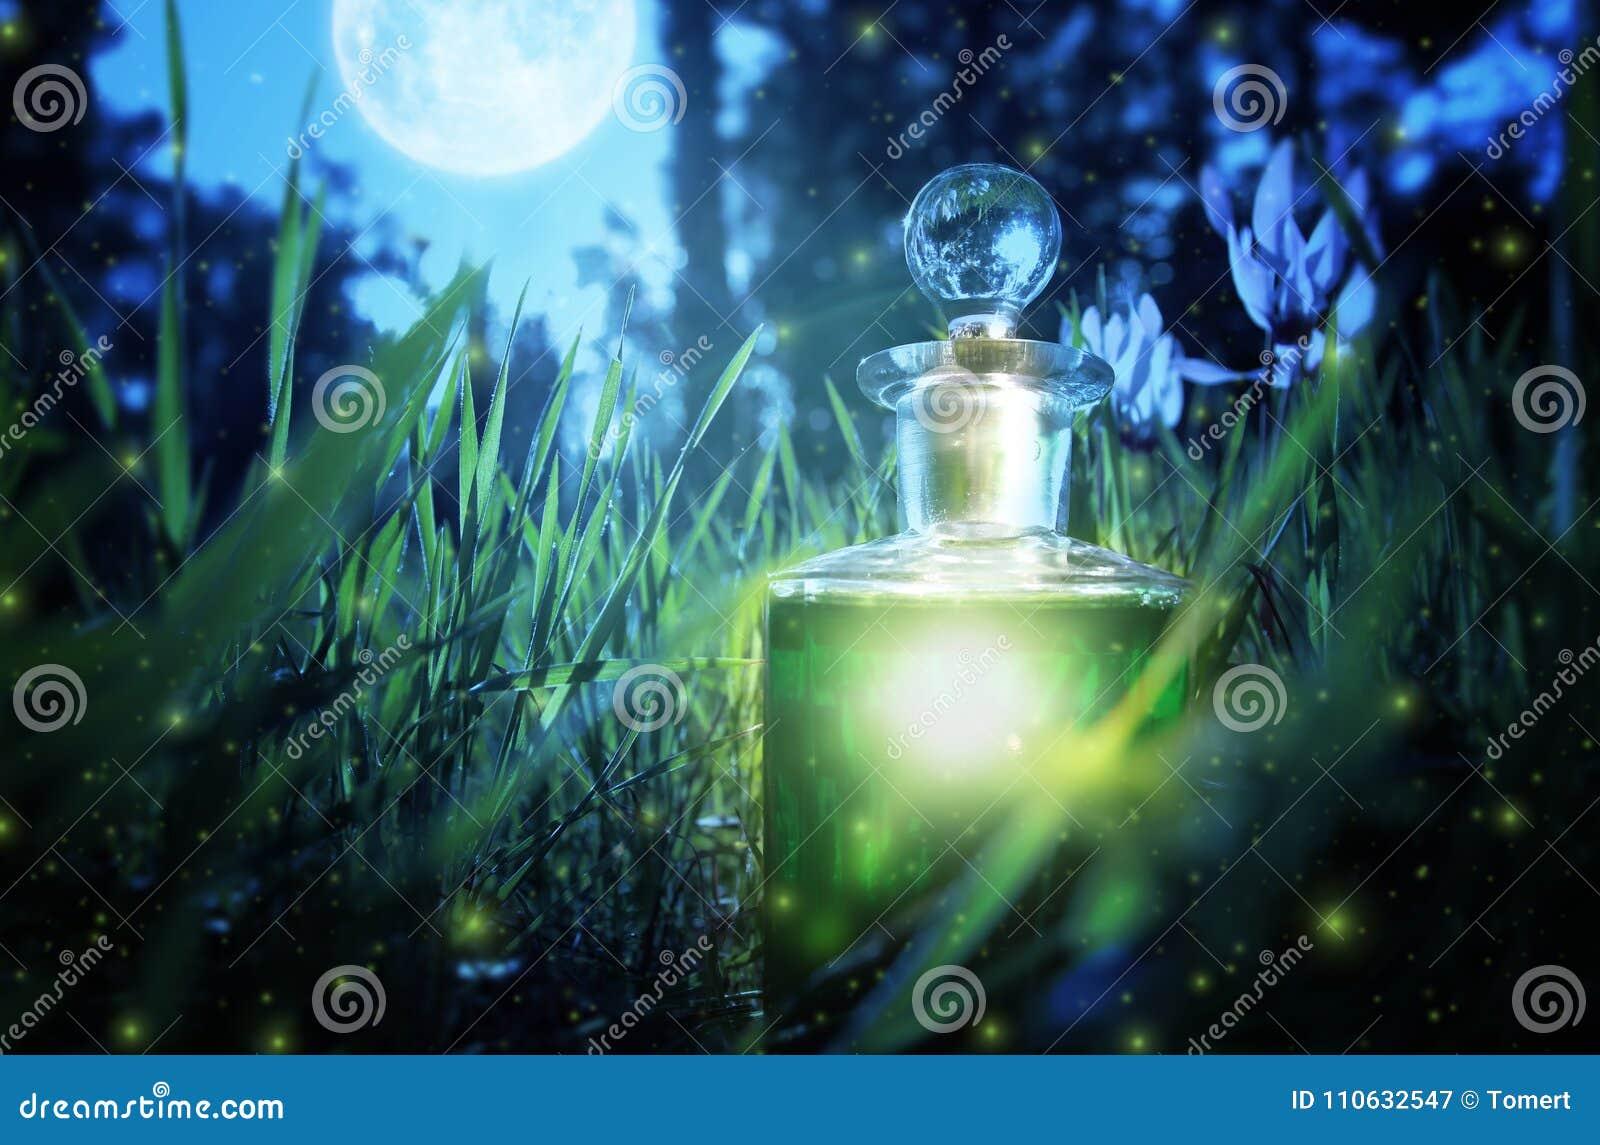 Magiczny czarodziejski pyłu napój miłosny w butelce w lesie